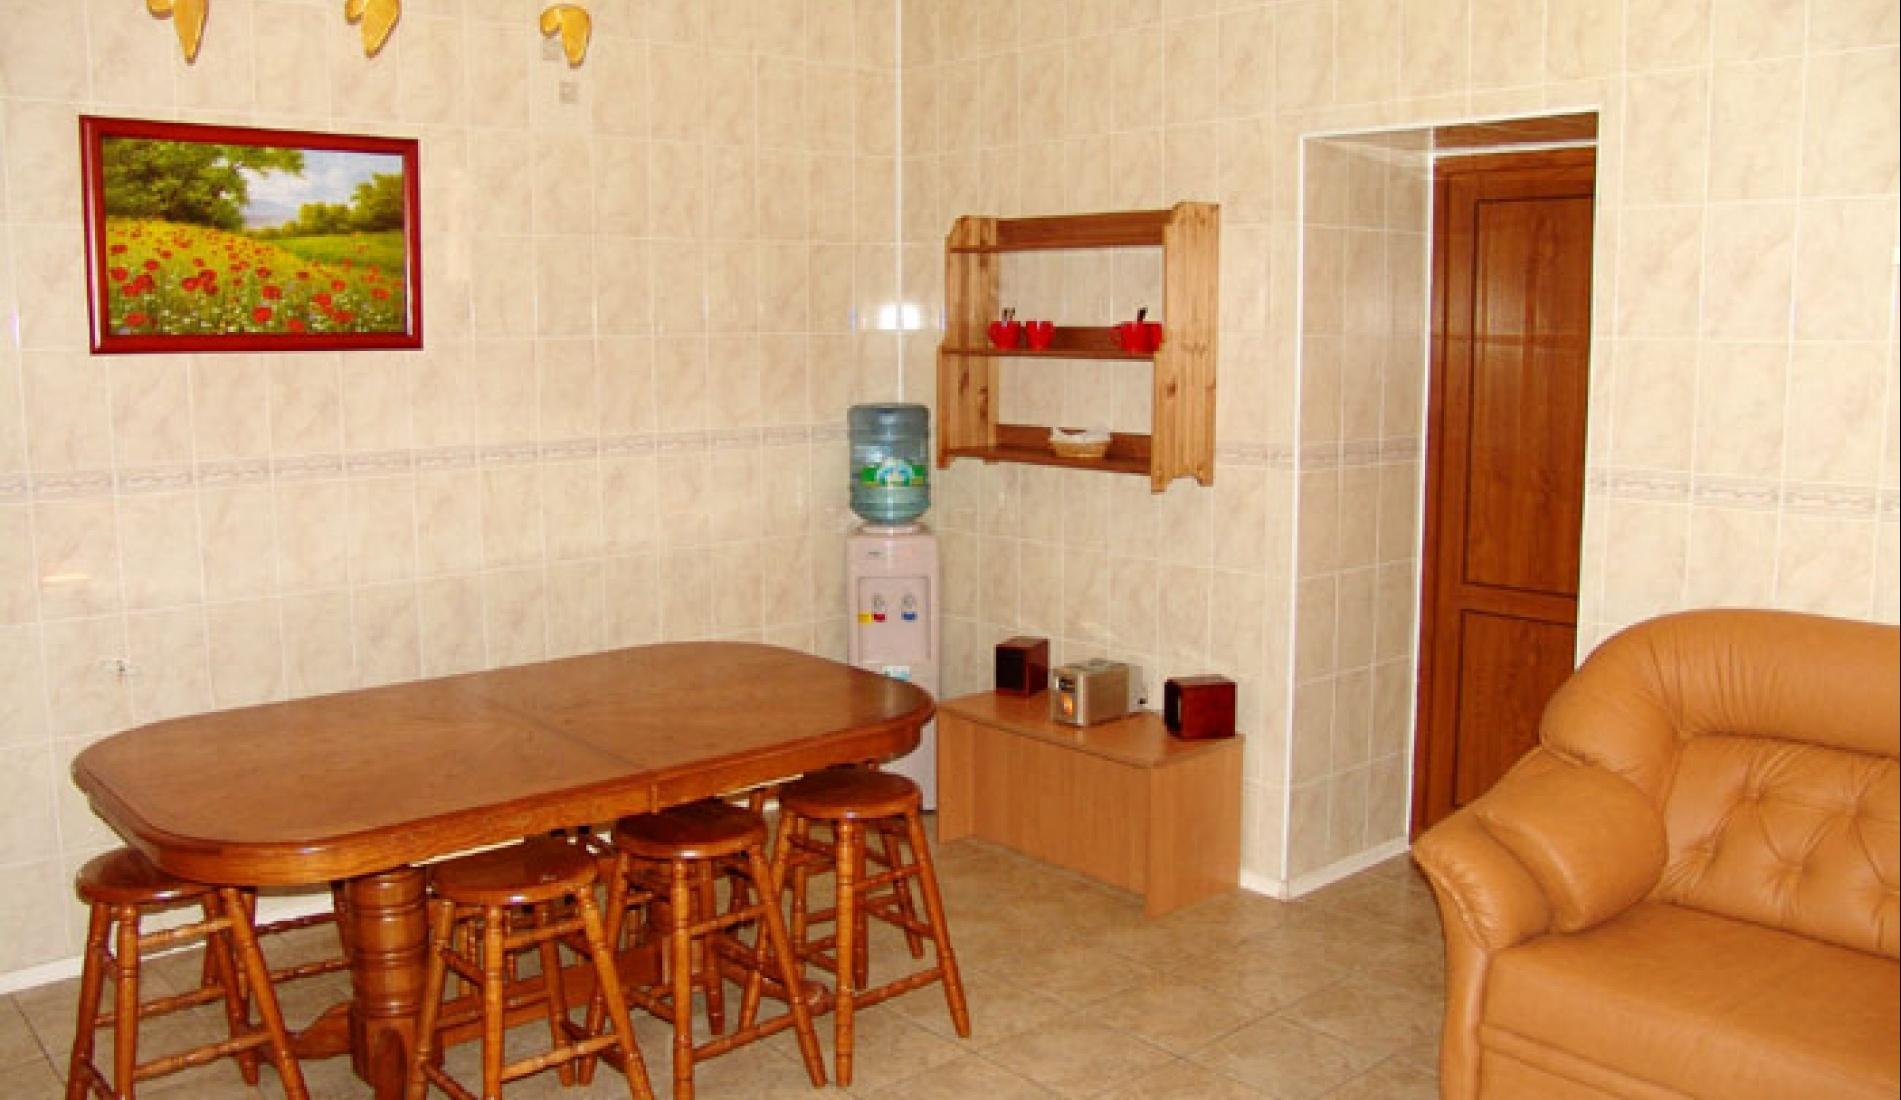 Гостиничный комплекс «Две реки» Белгородская область Номер 2-местный в корпусе «Две Реки», фото 3